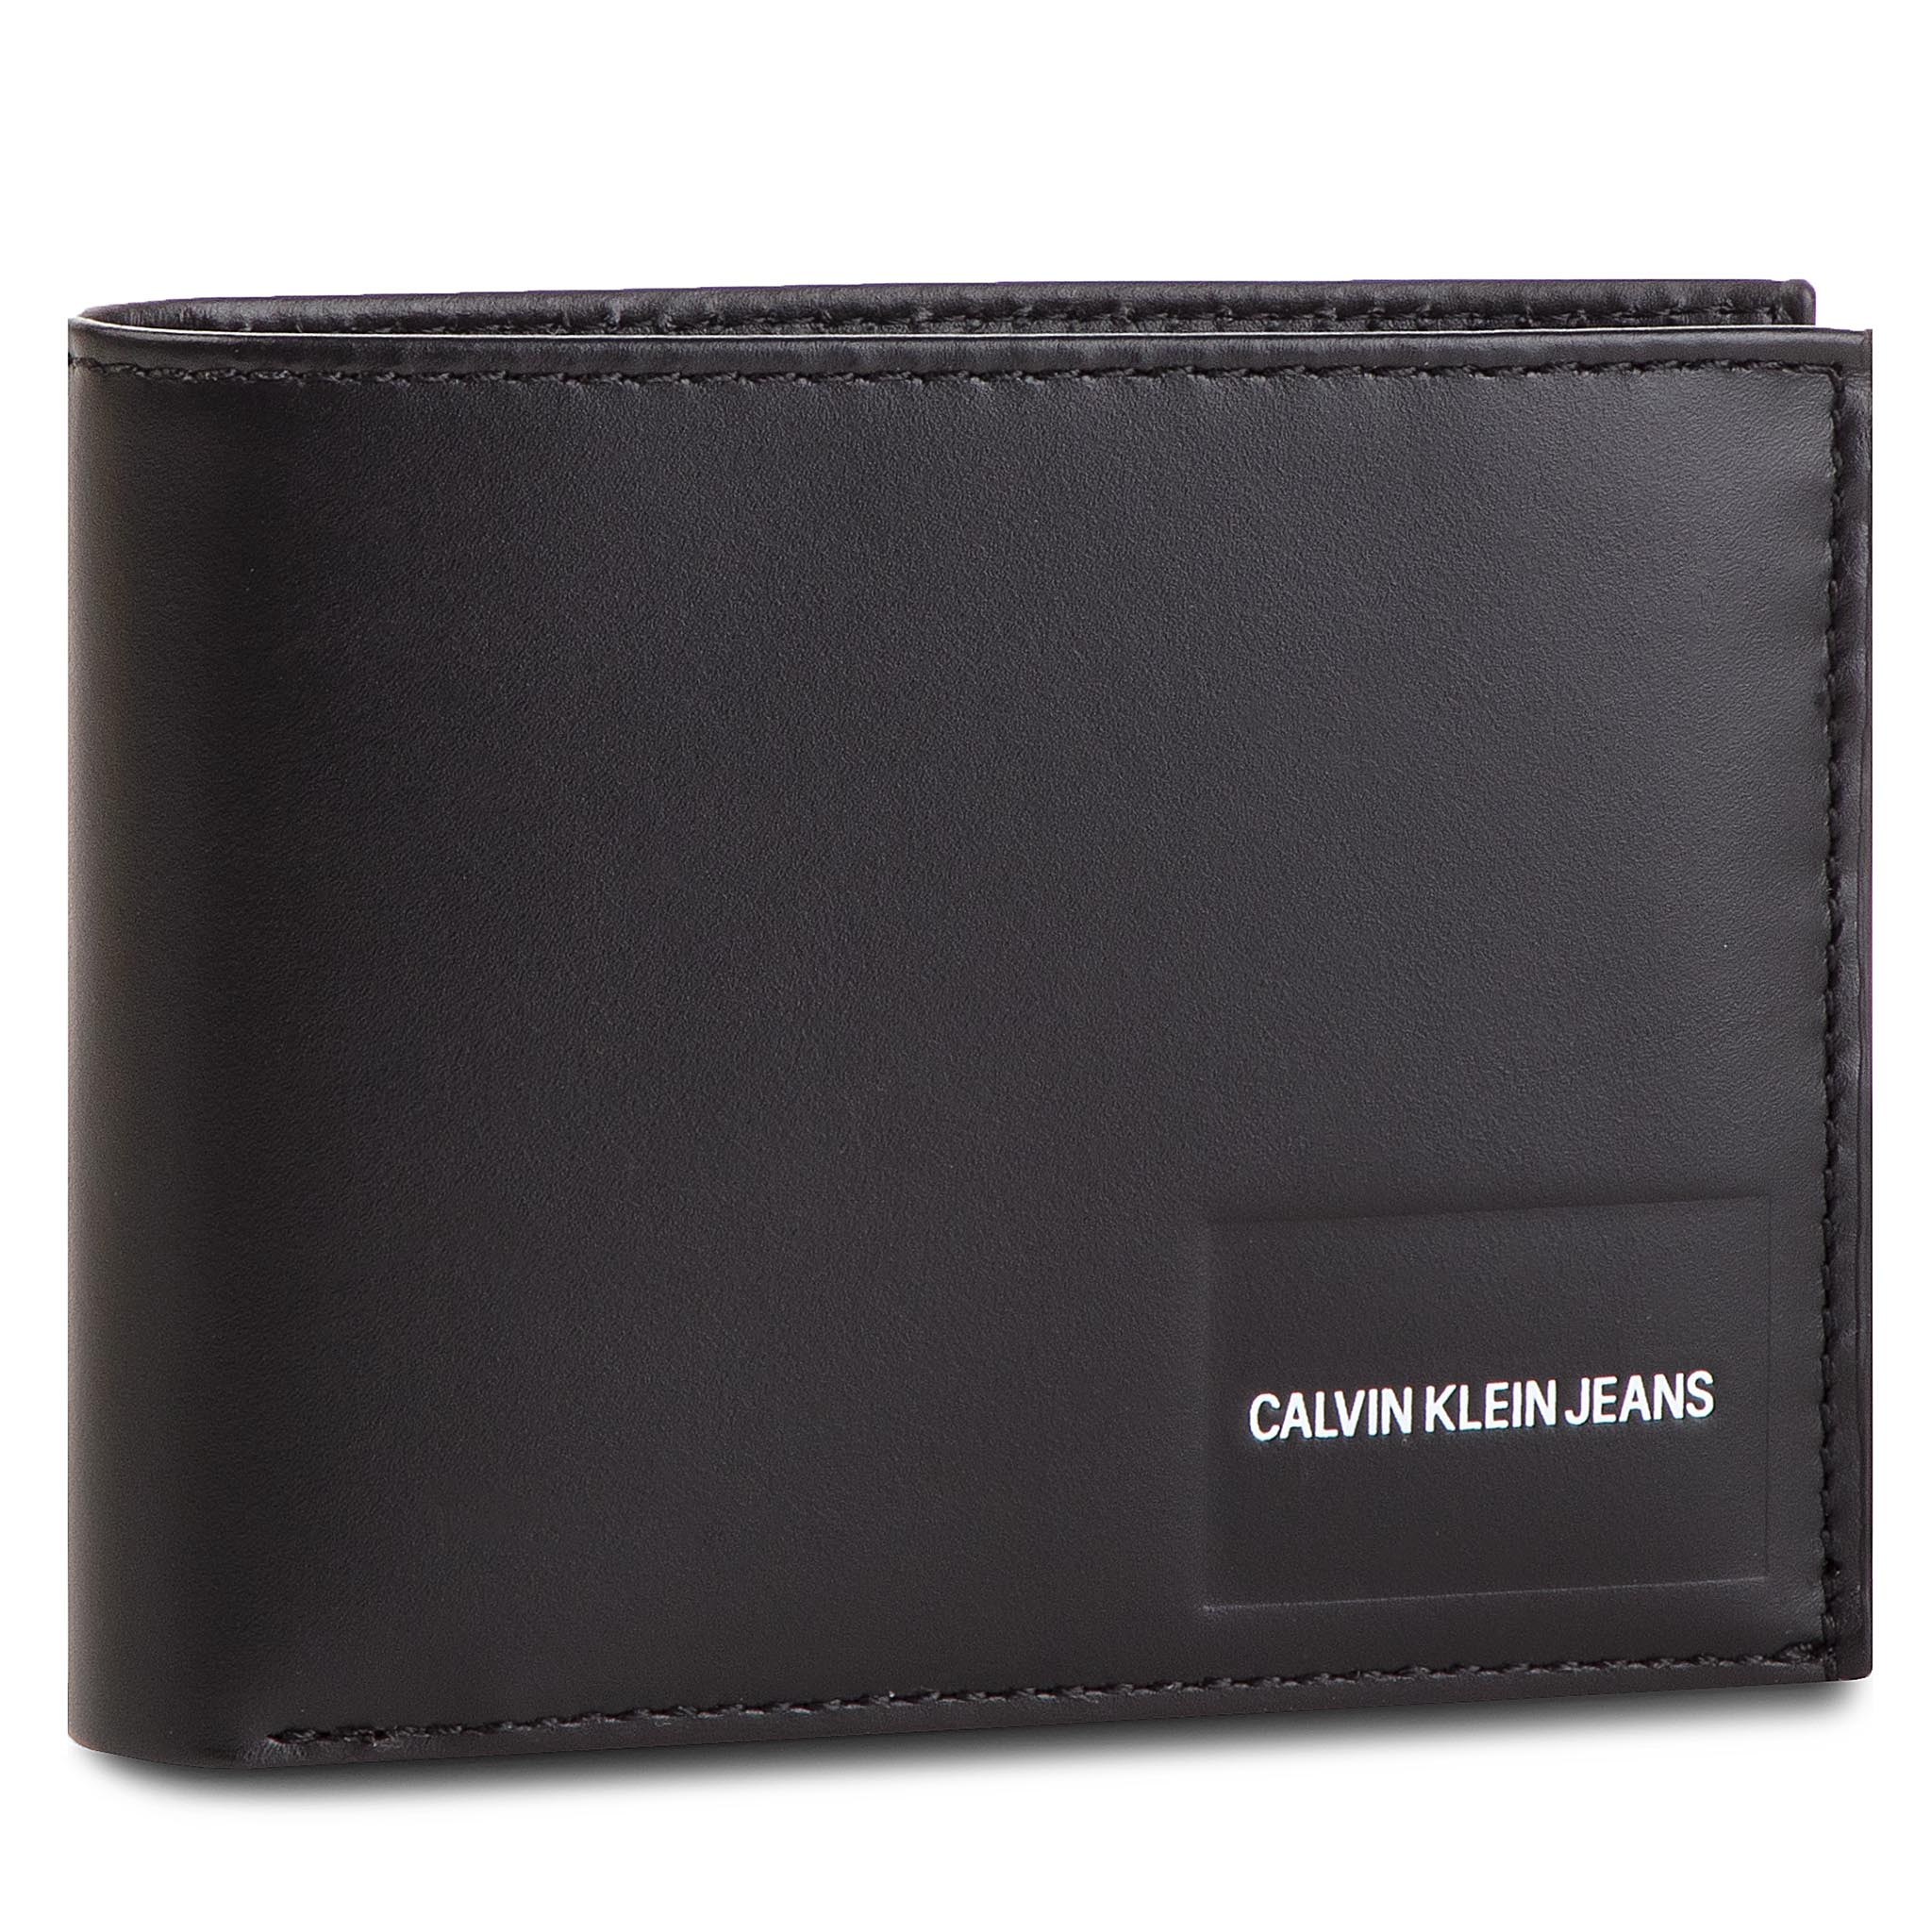 60790ae3a8 Nagy férfi pénztárca CALVIN KLEIN JEANS - Coated Canvas Bilfold Coin Pass  K40K400831 001